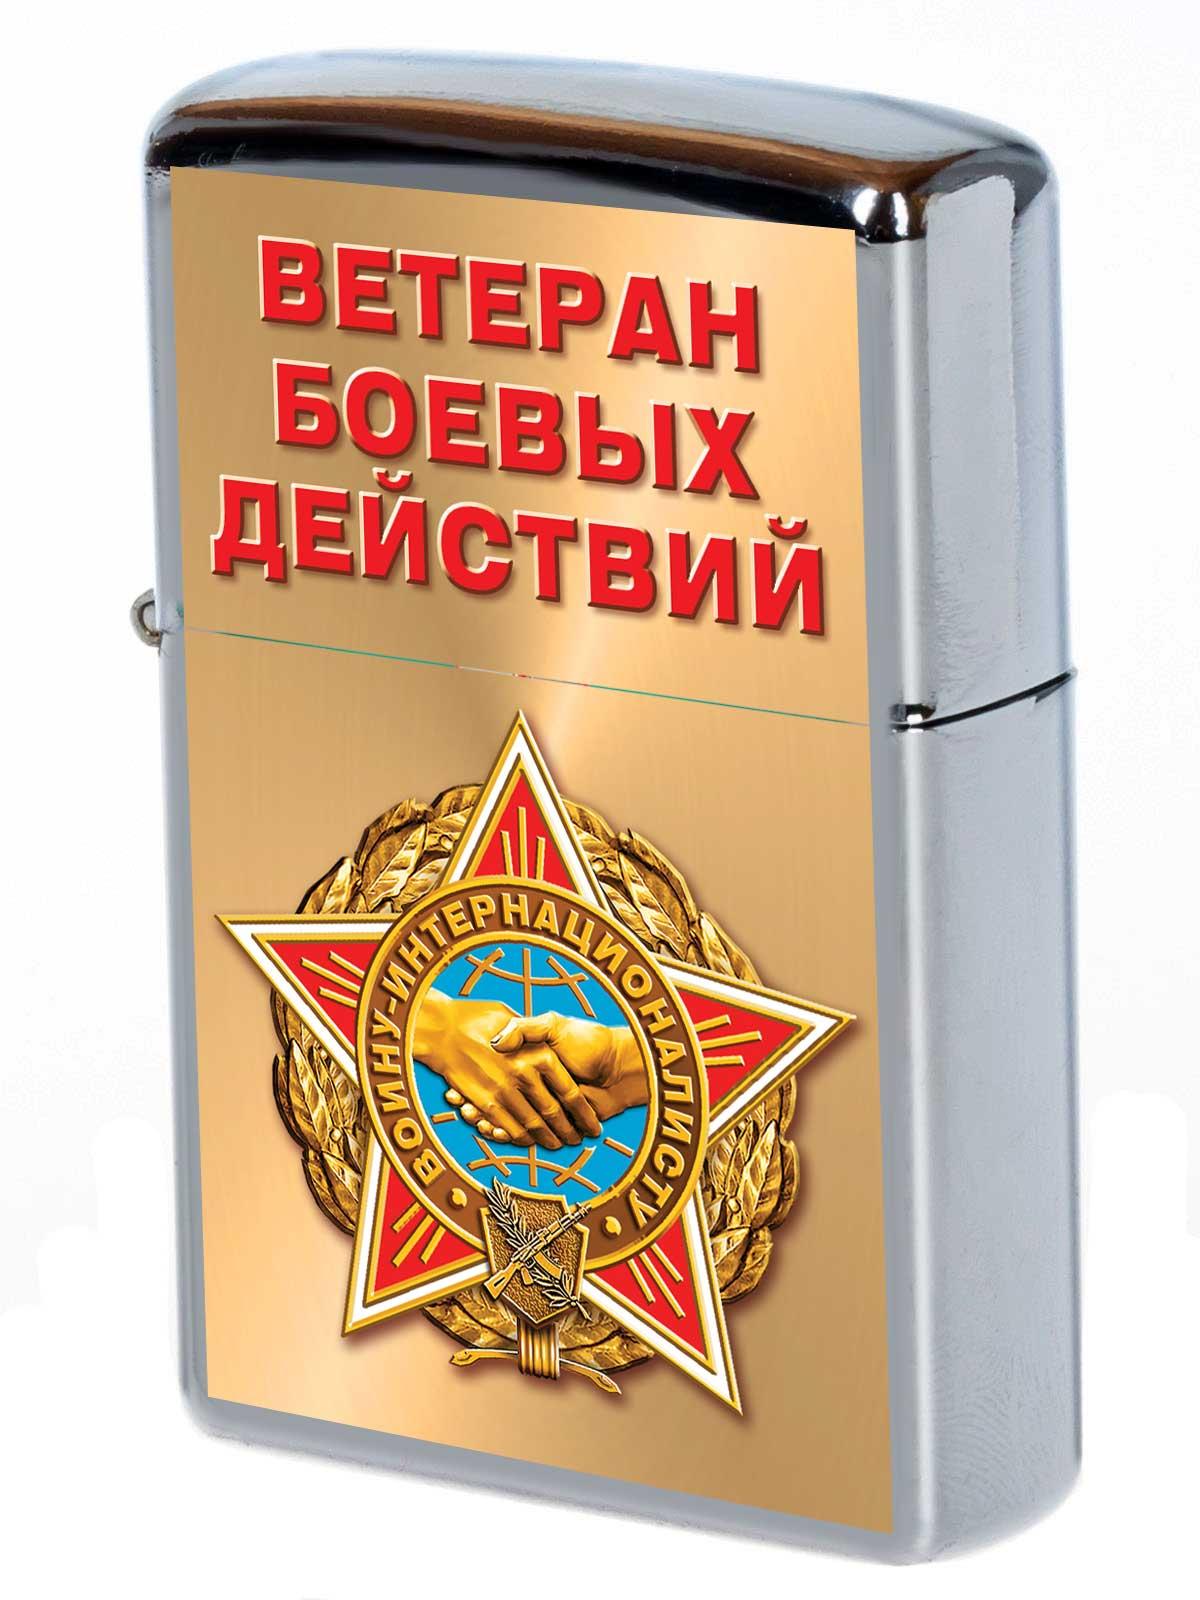 Бензиновая зажигалка с принтом Воину-интернационалисту